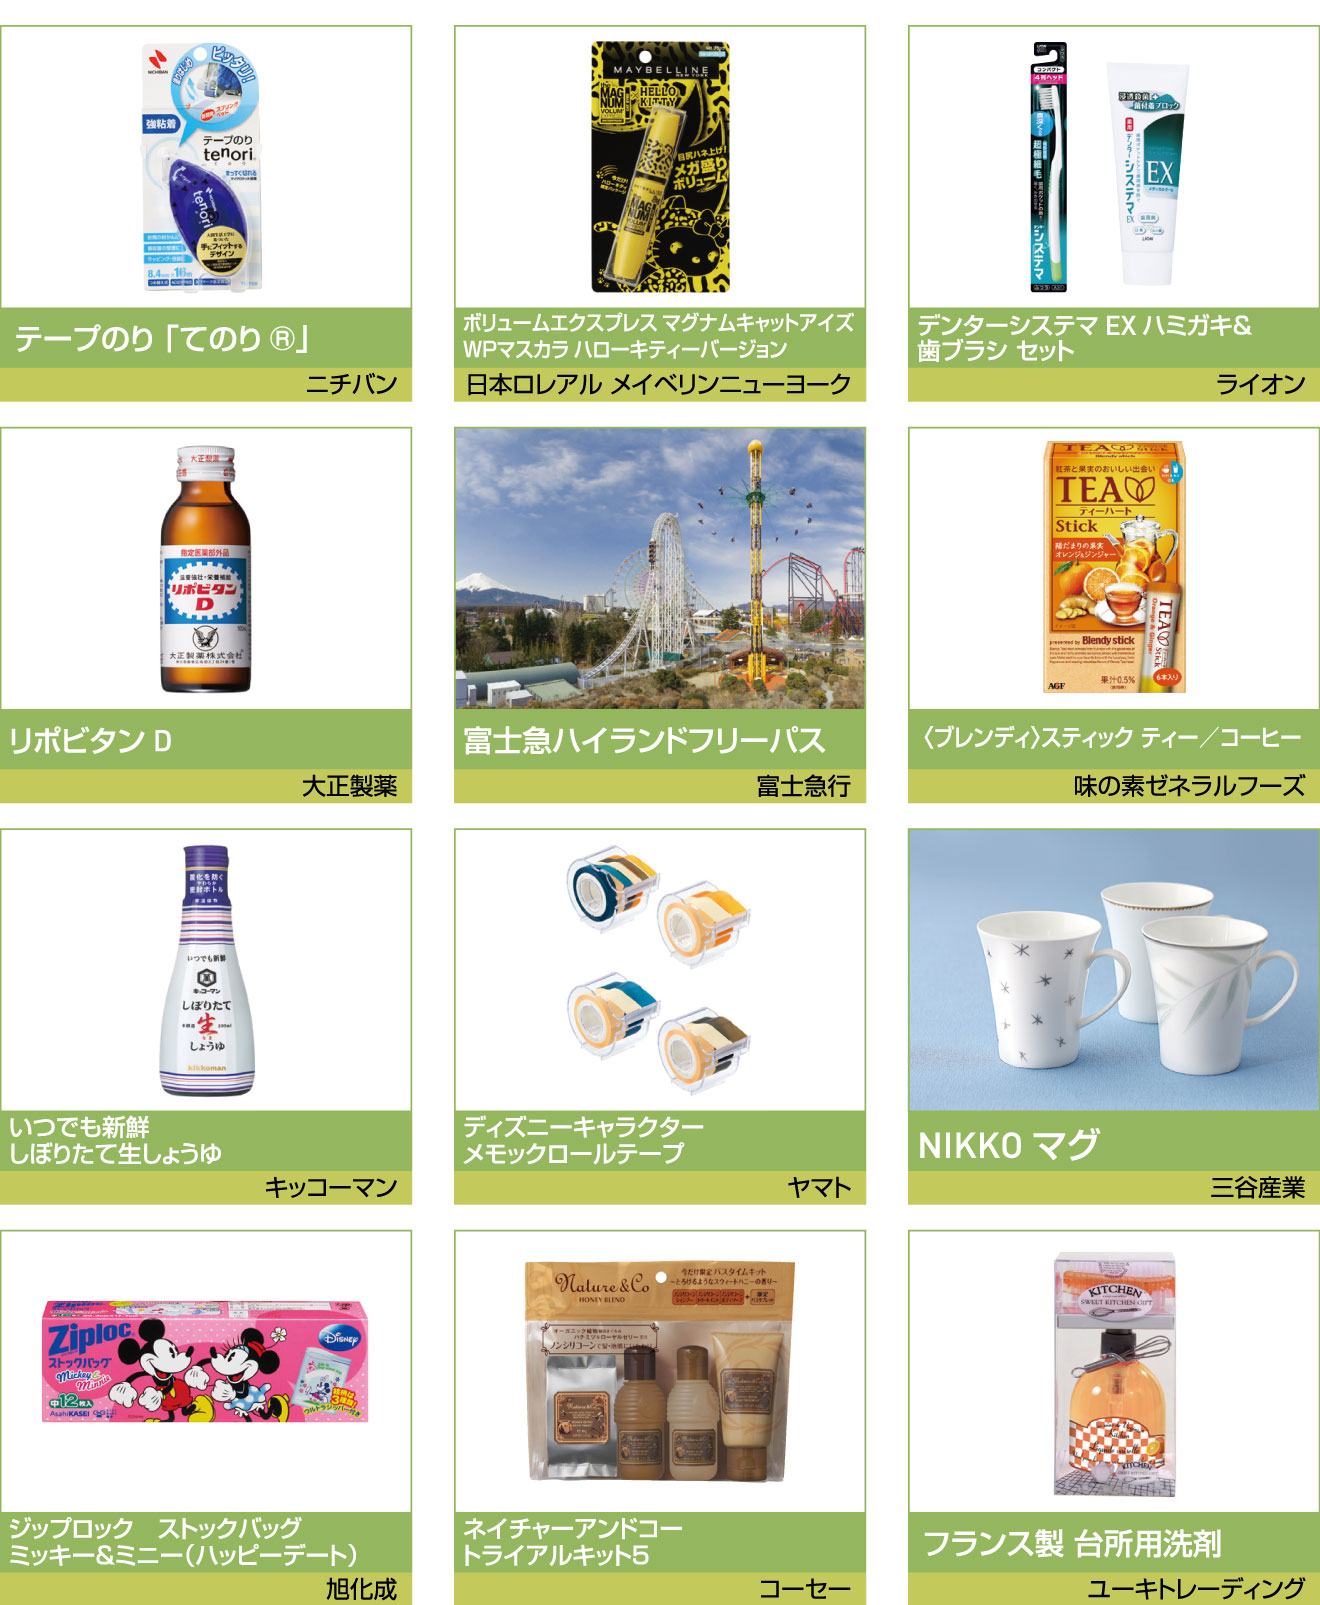 福引商品 O賞